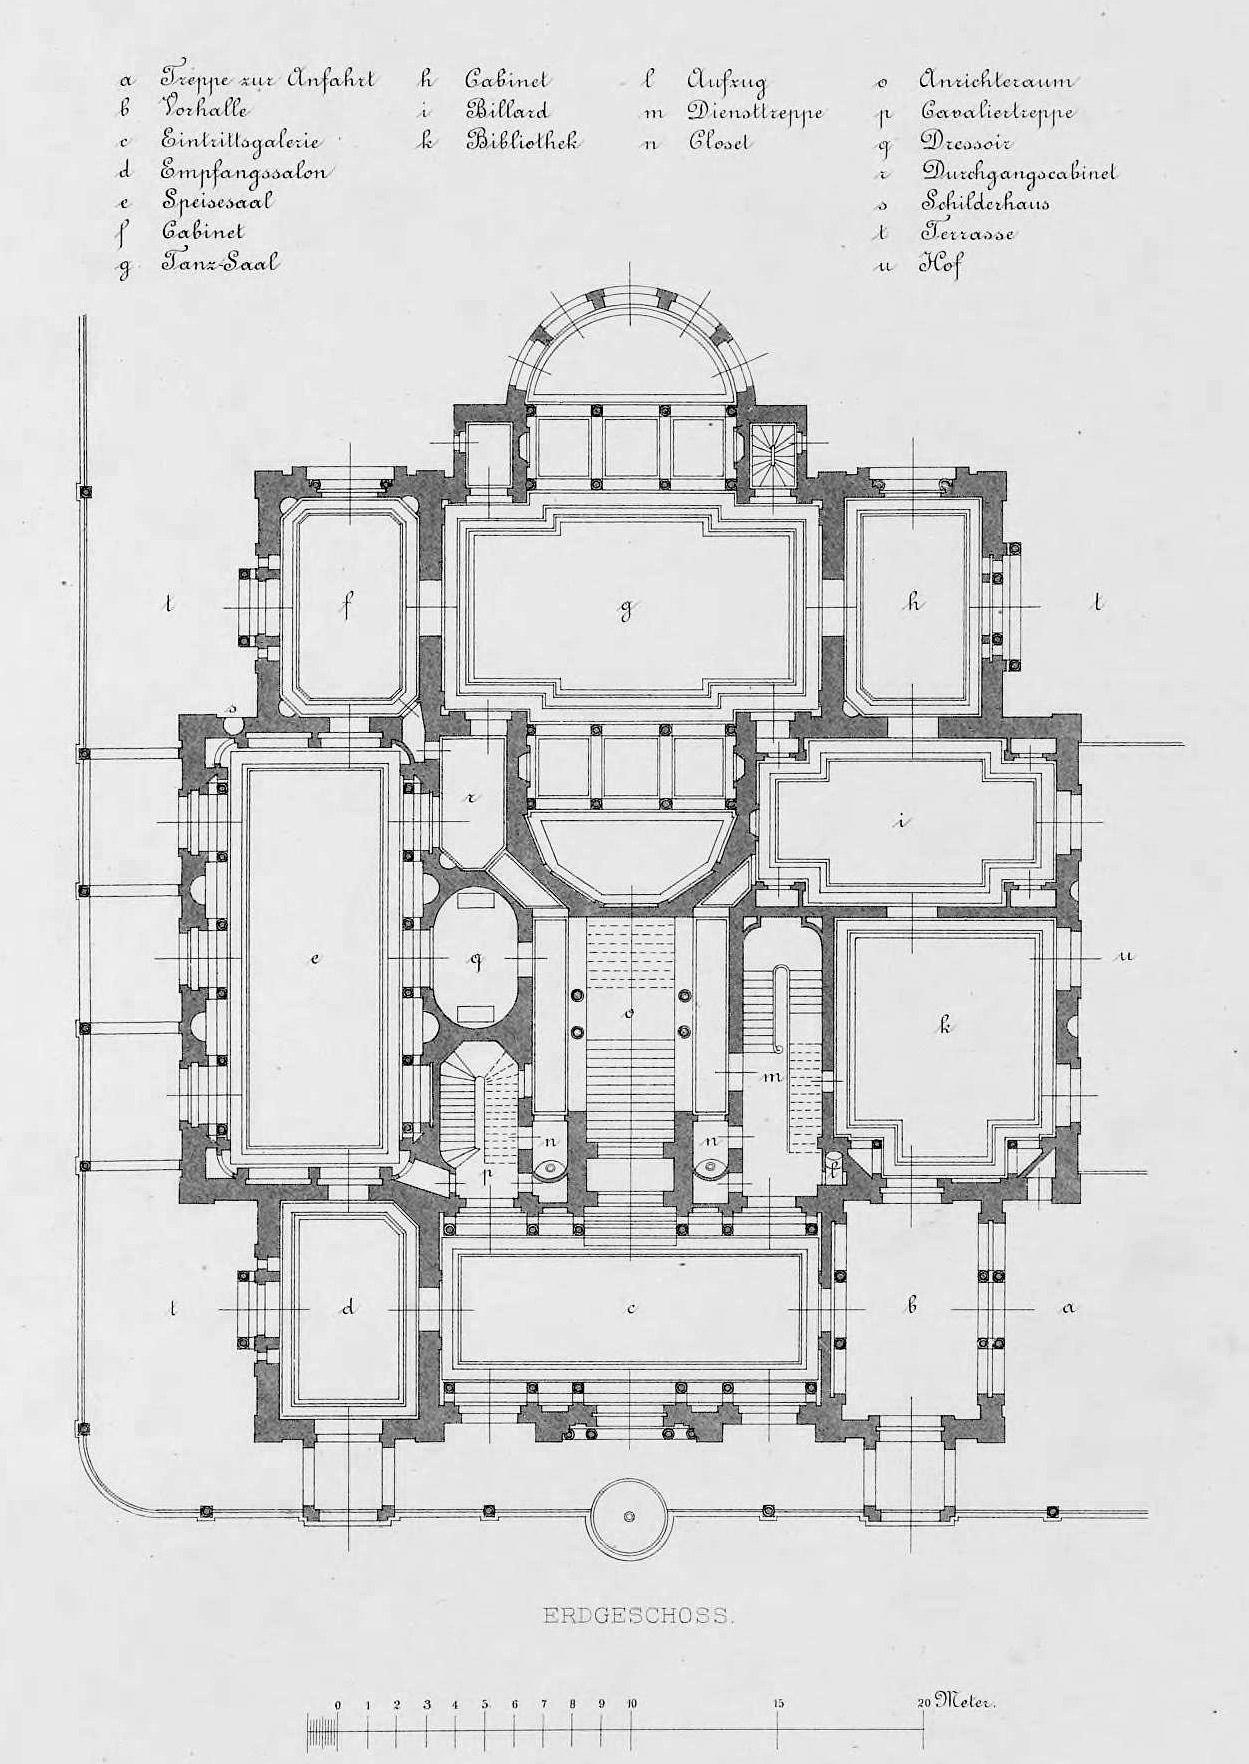 Floorplan of the Villa Berg, Stuttgart archimaps